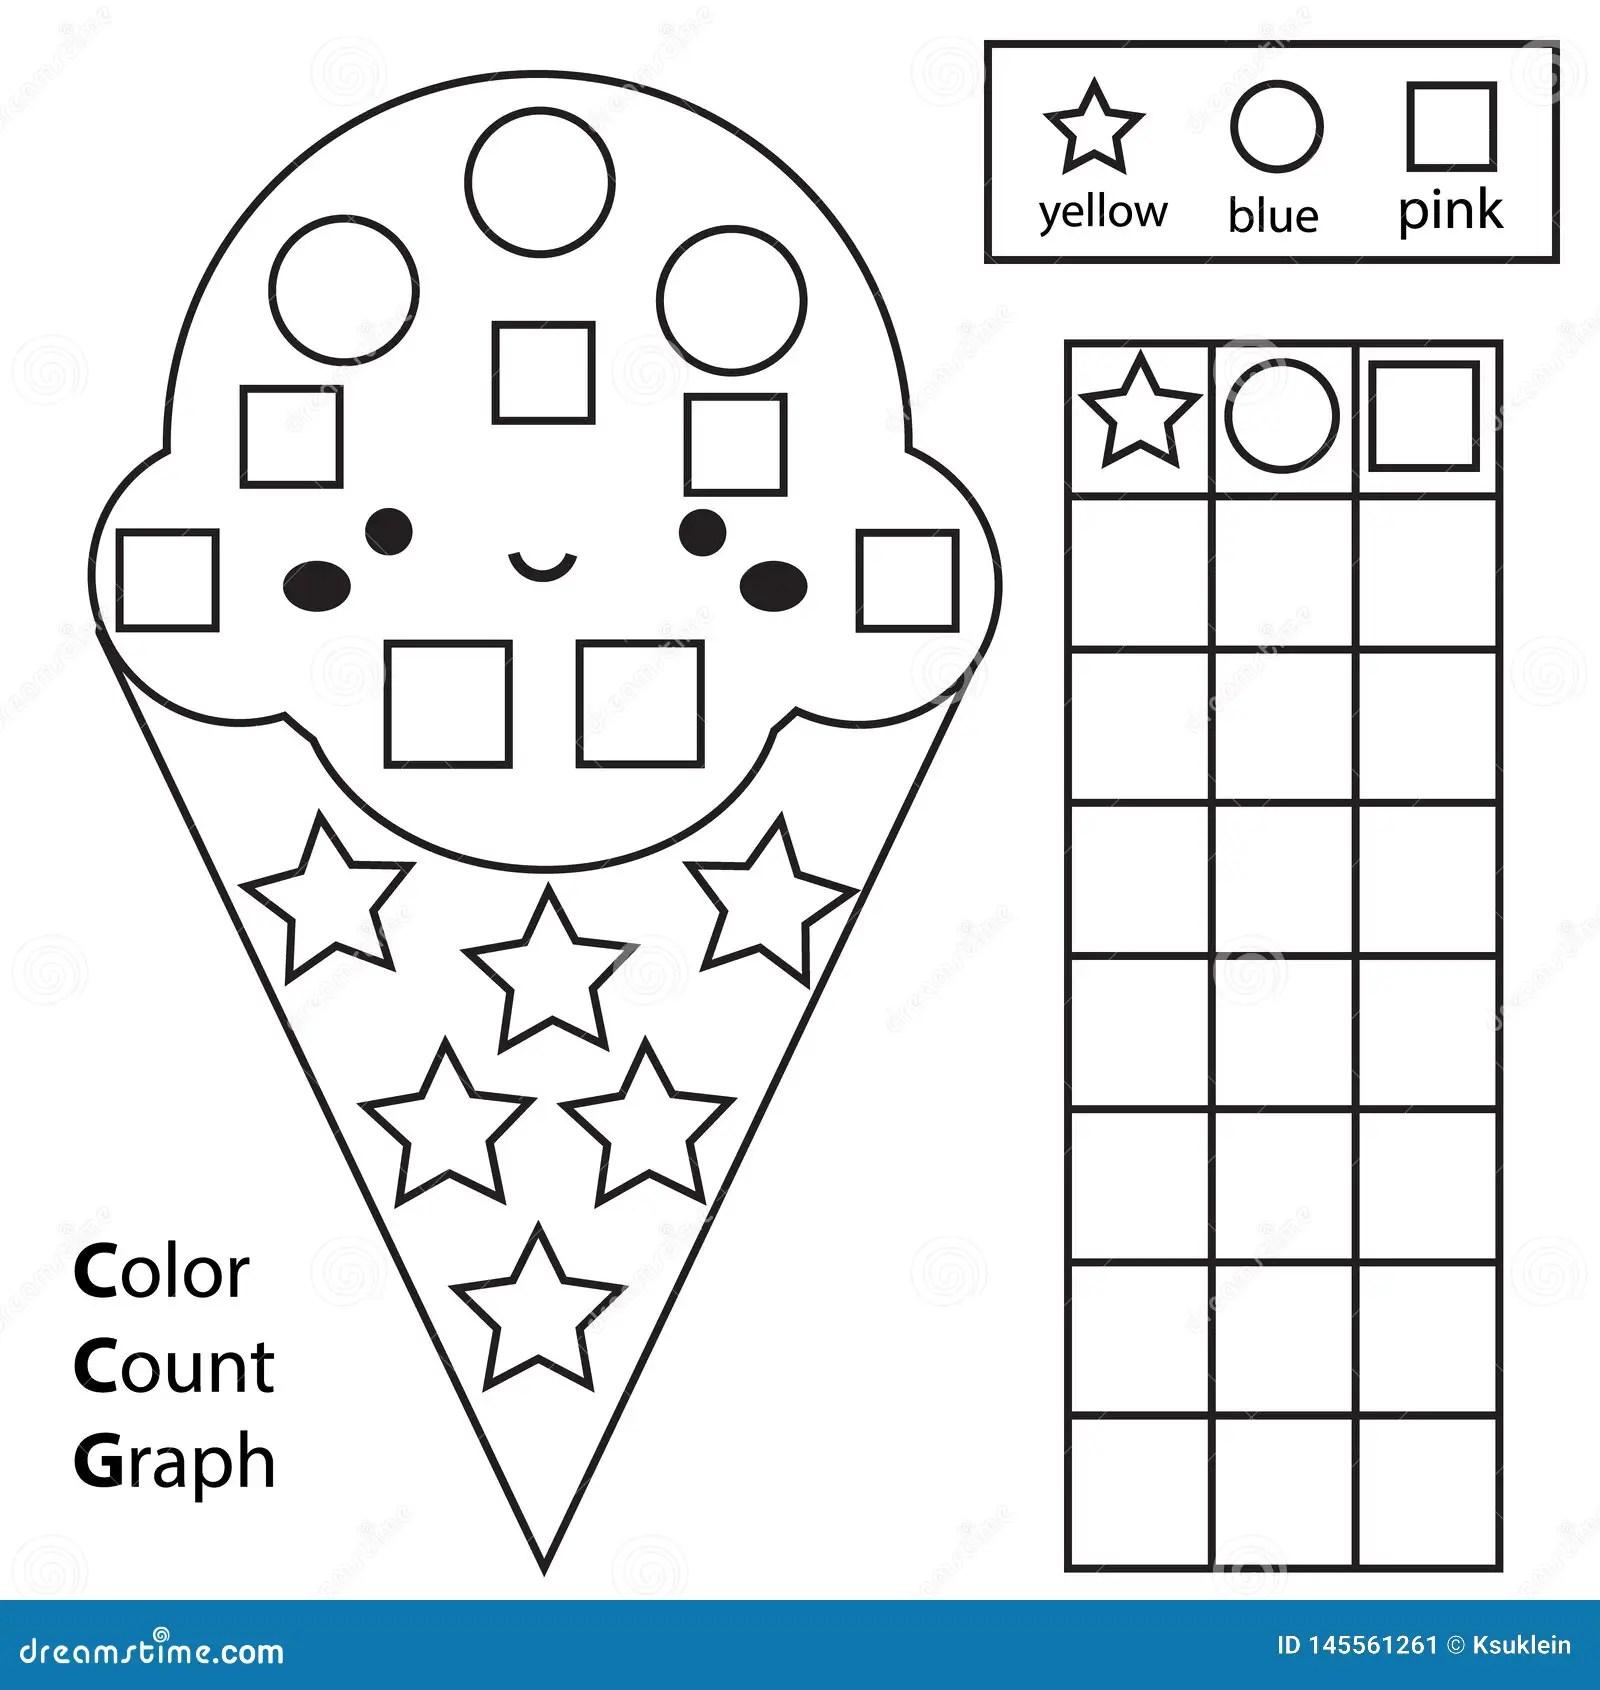 Coloring Shapes Worksheet For Kindergarten